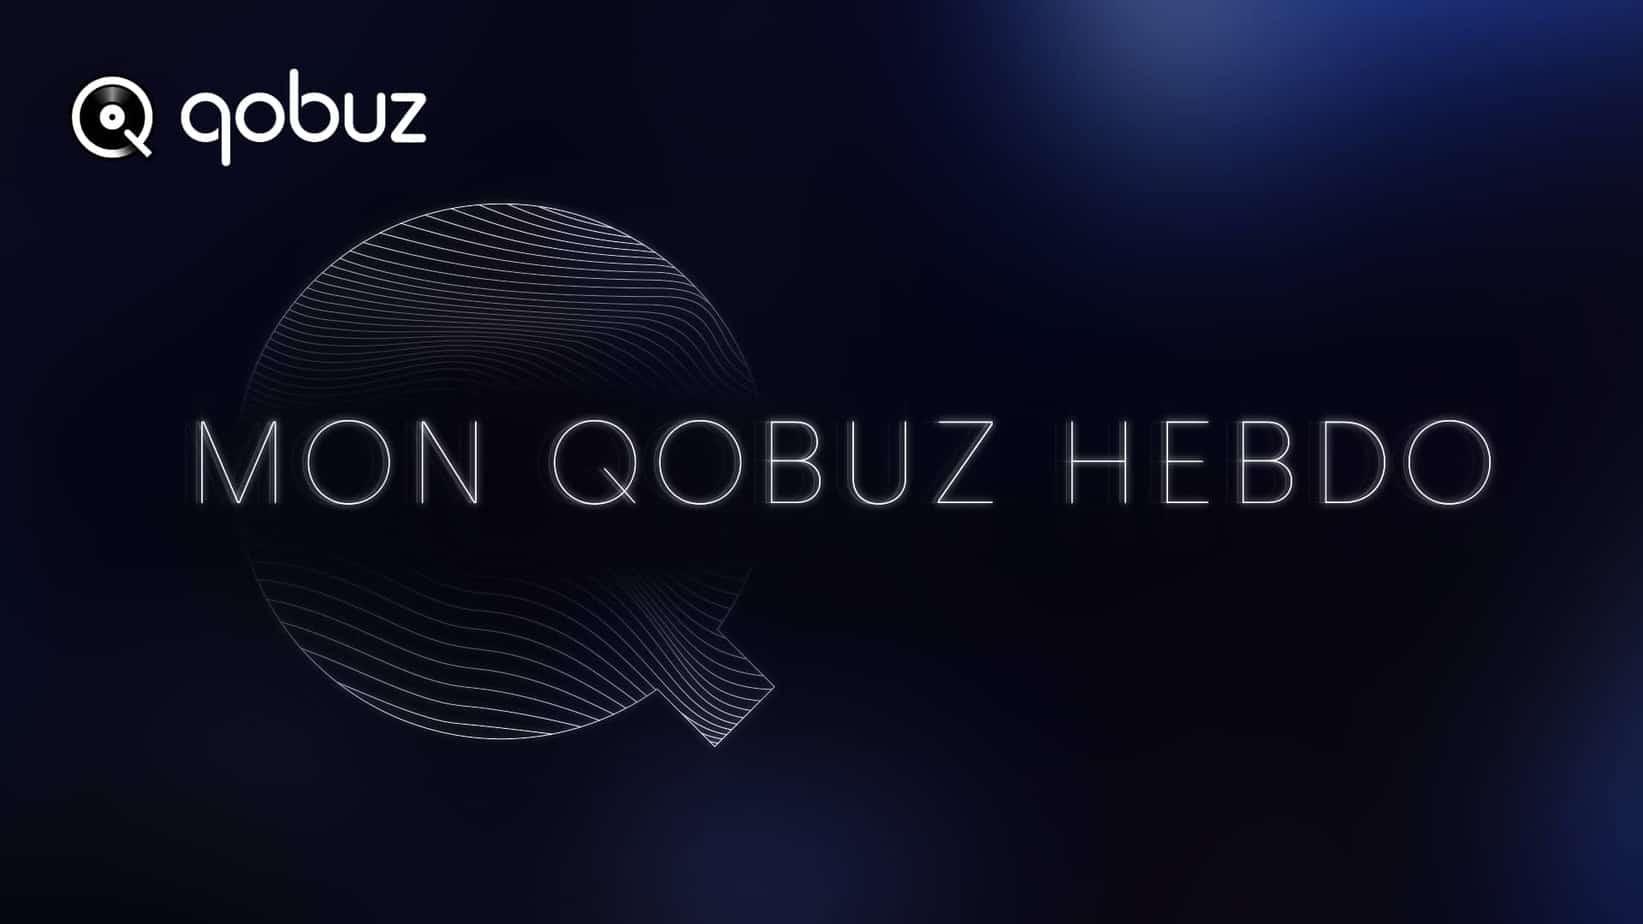 Qobuz dévoile deux nouvelles fonctionnalités, Carplay Online et Mon Qobuz Hebdo.